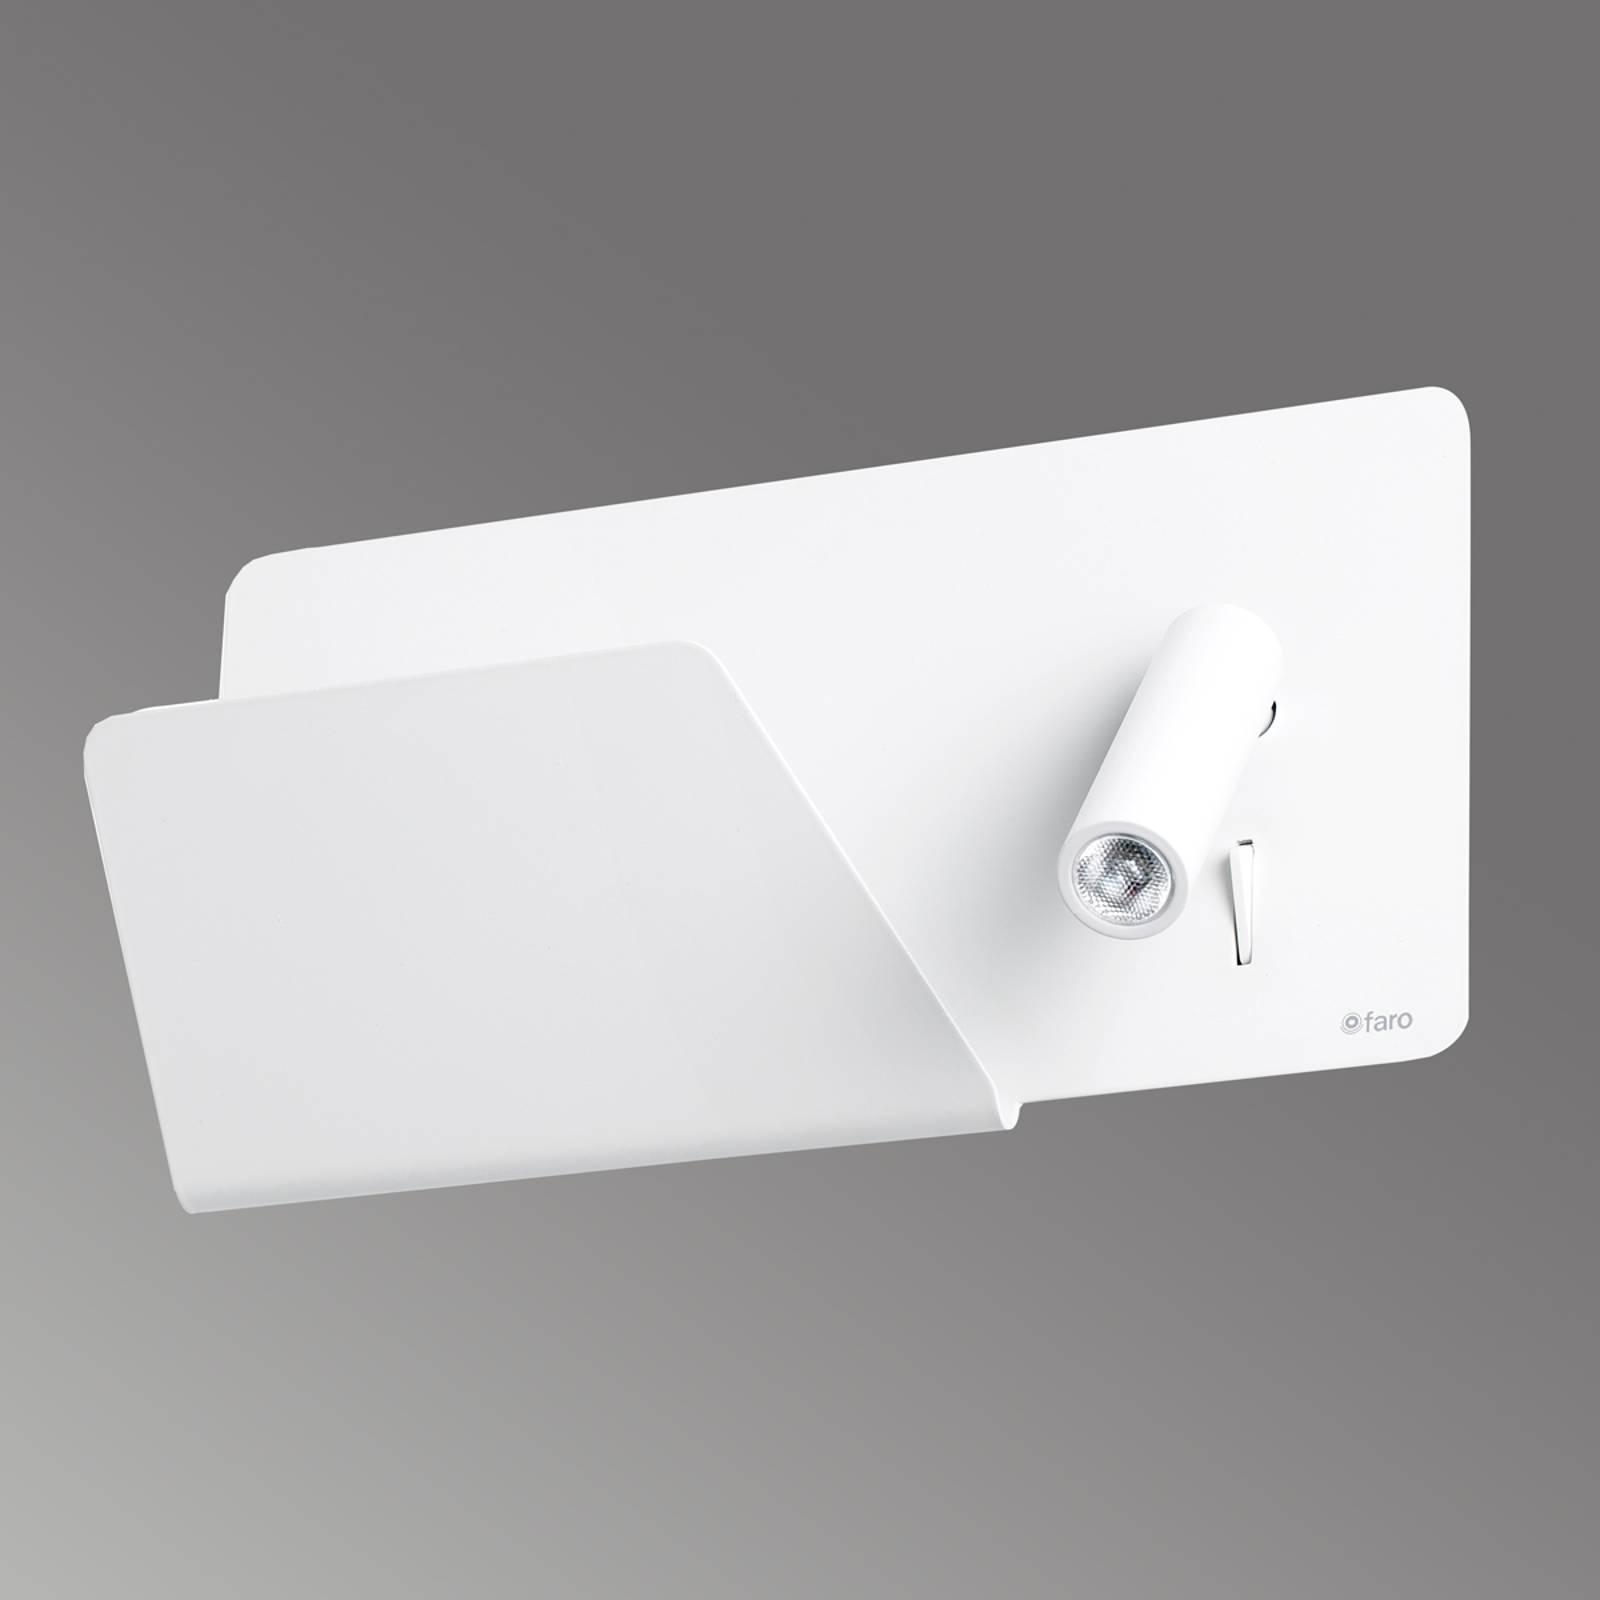 Suau - weiße LED-Wandleuchte mit Ablagefläche